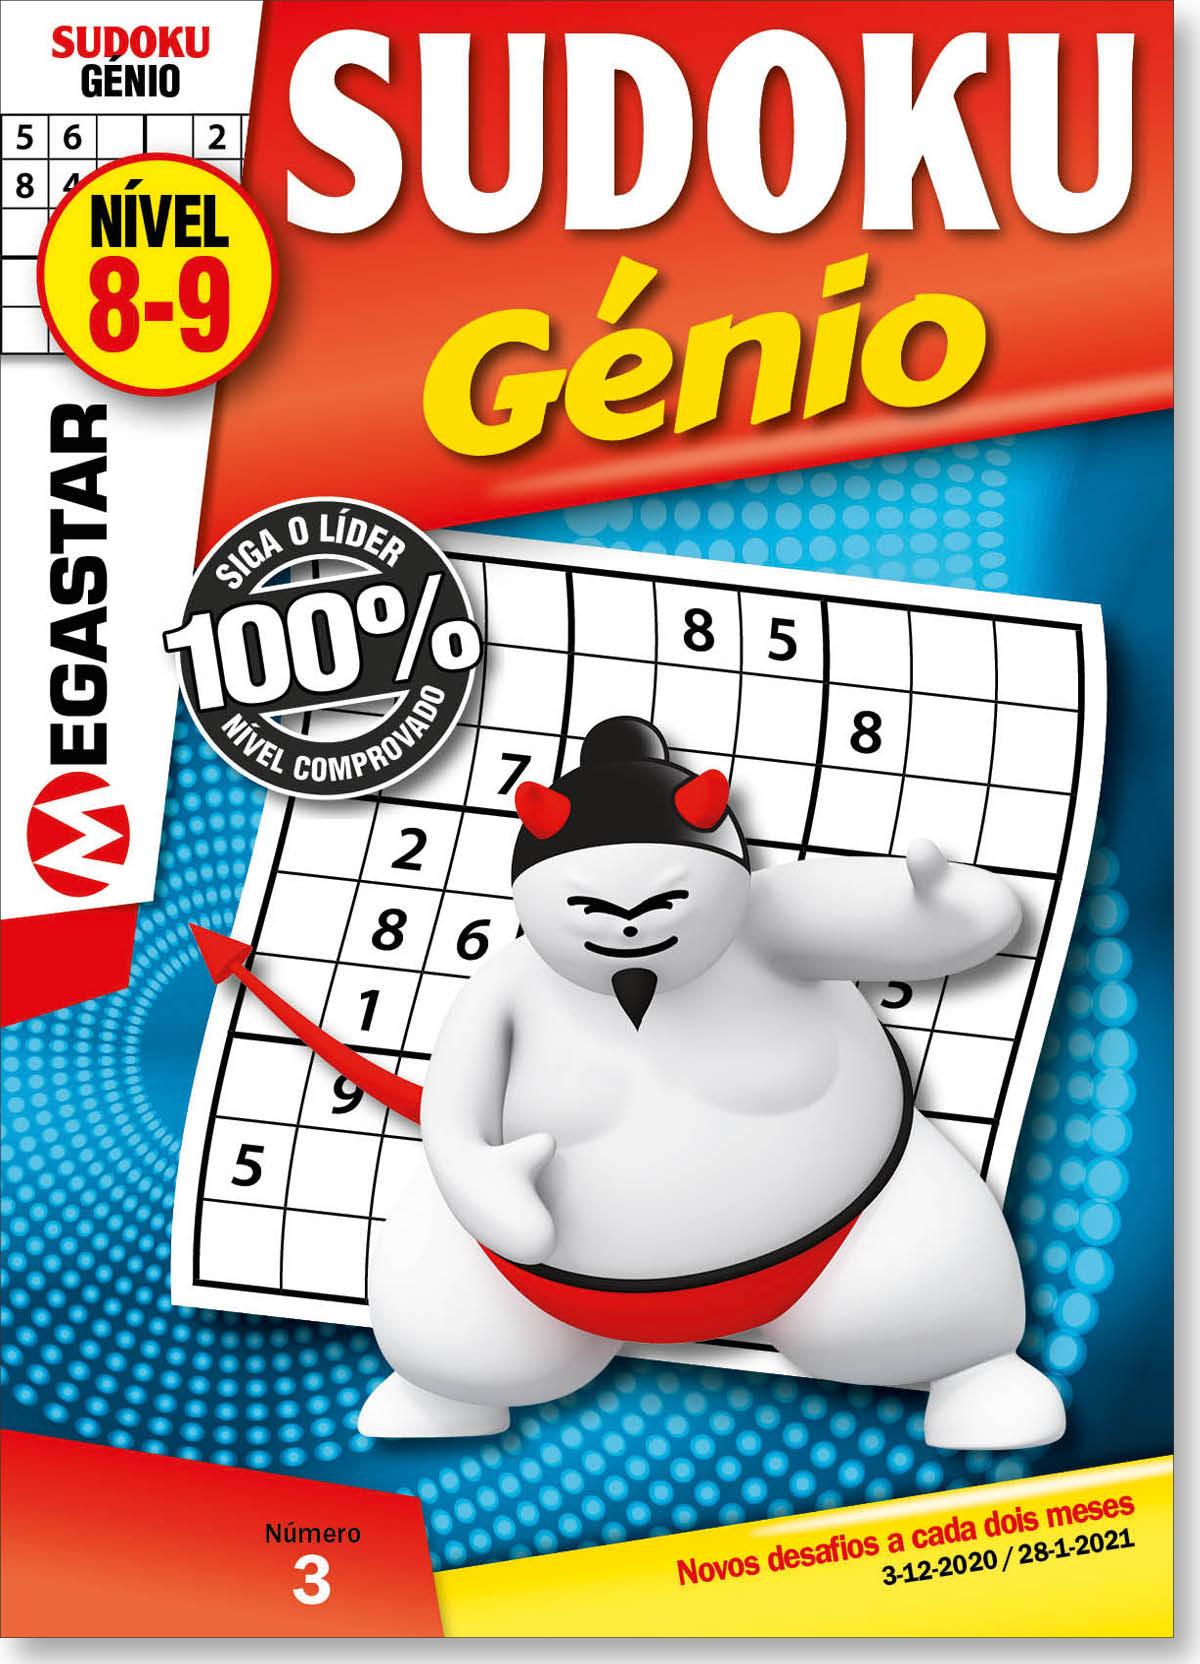 Sudoku Génio 8-9